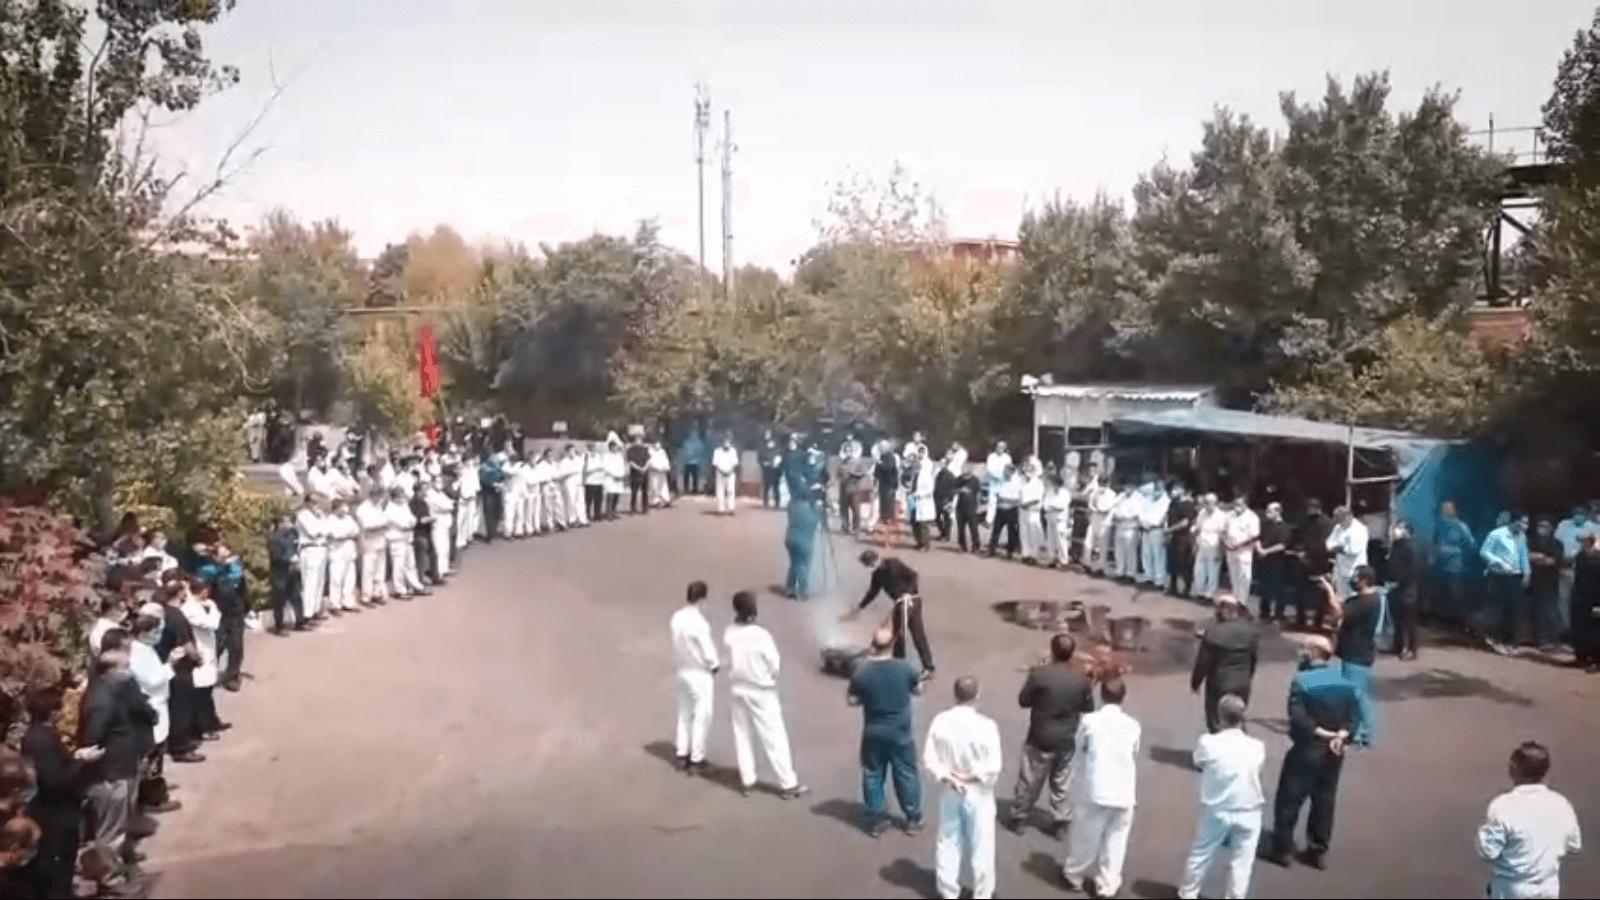 برگزاری مراسم تاسوعای حسینی در شرکت لبنیات پاک